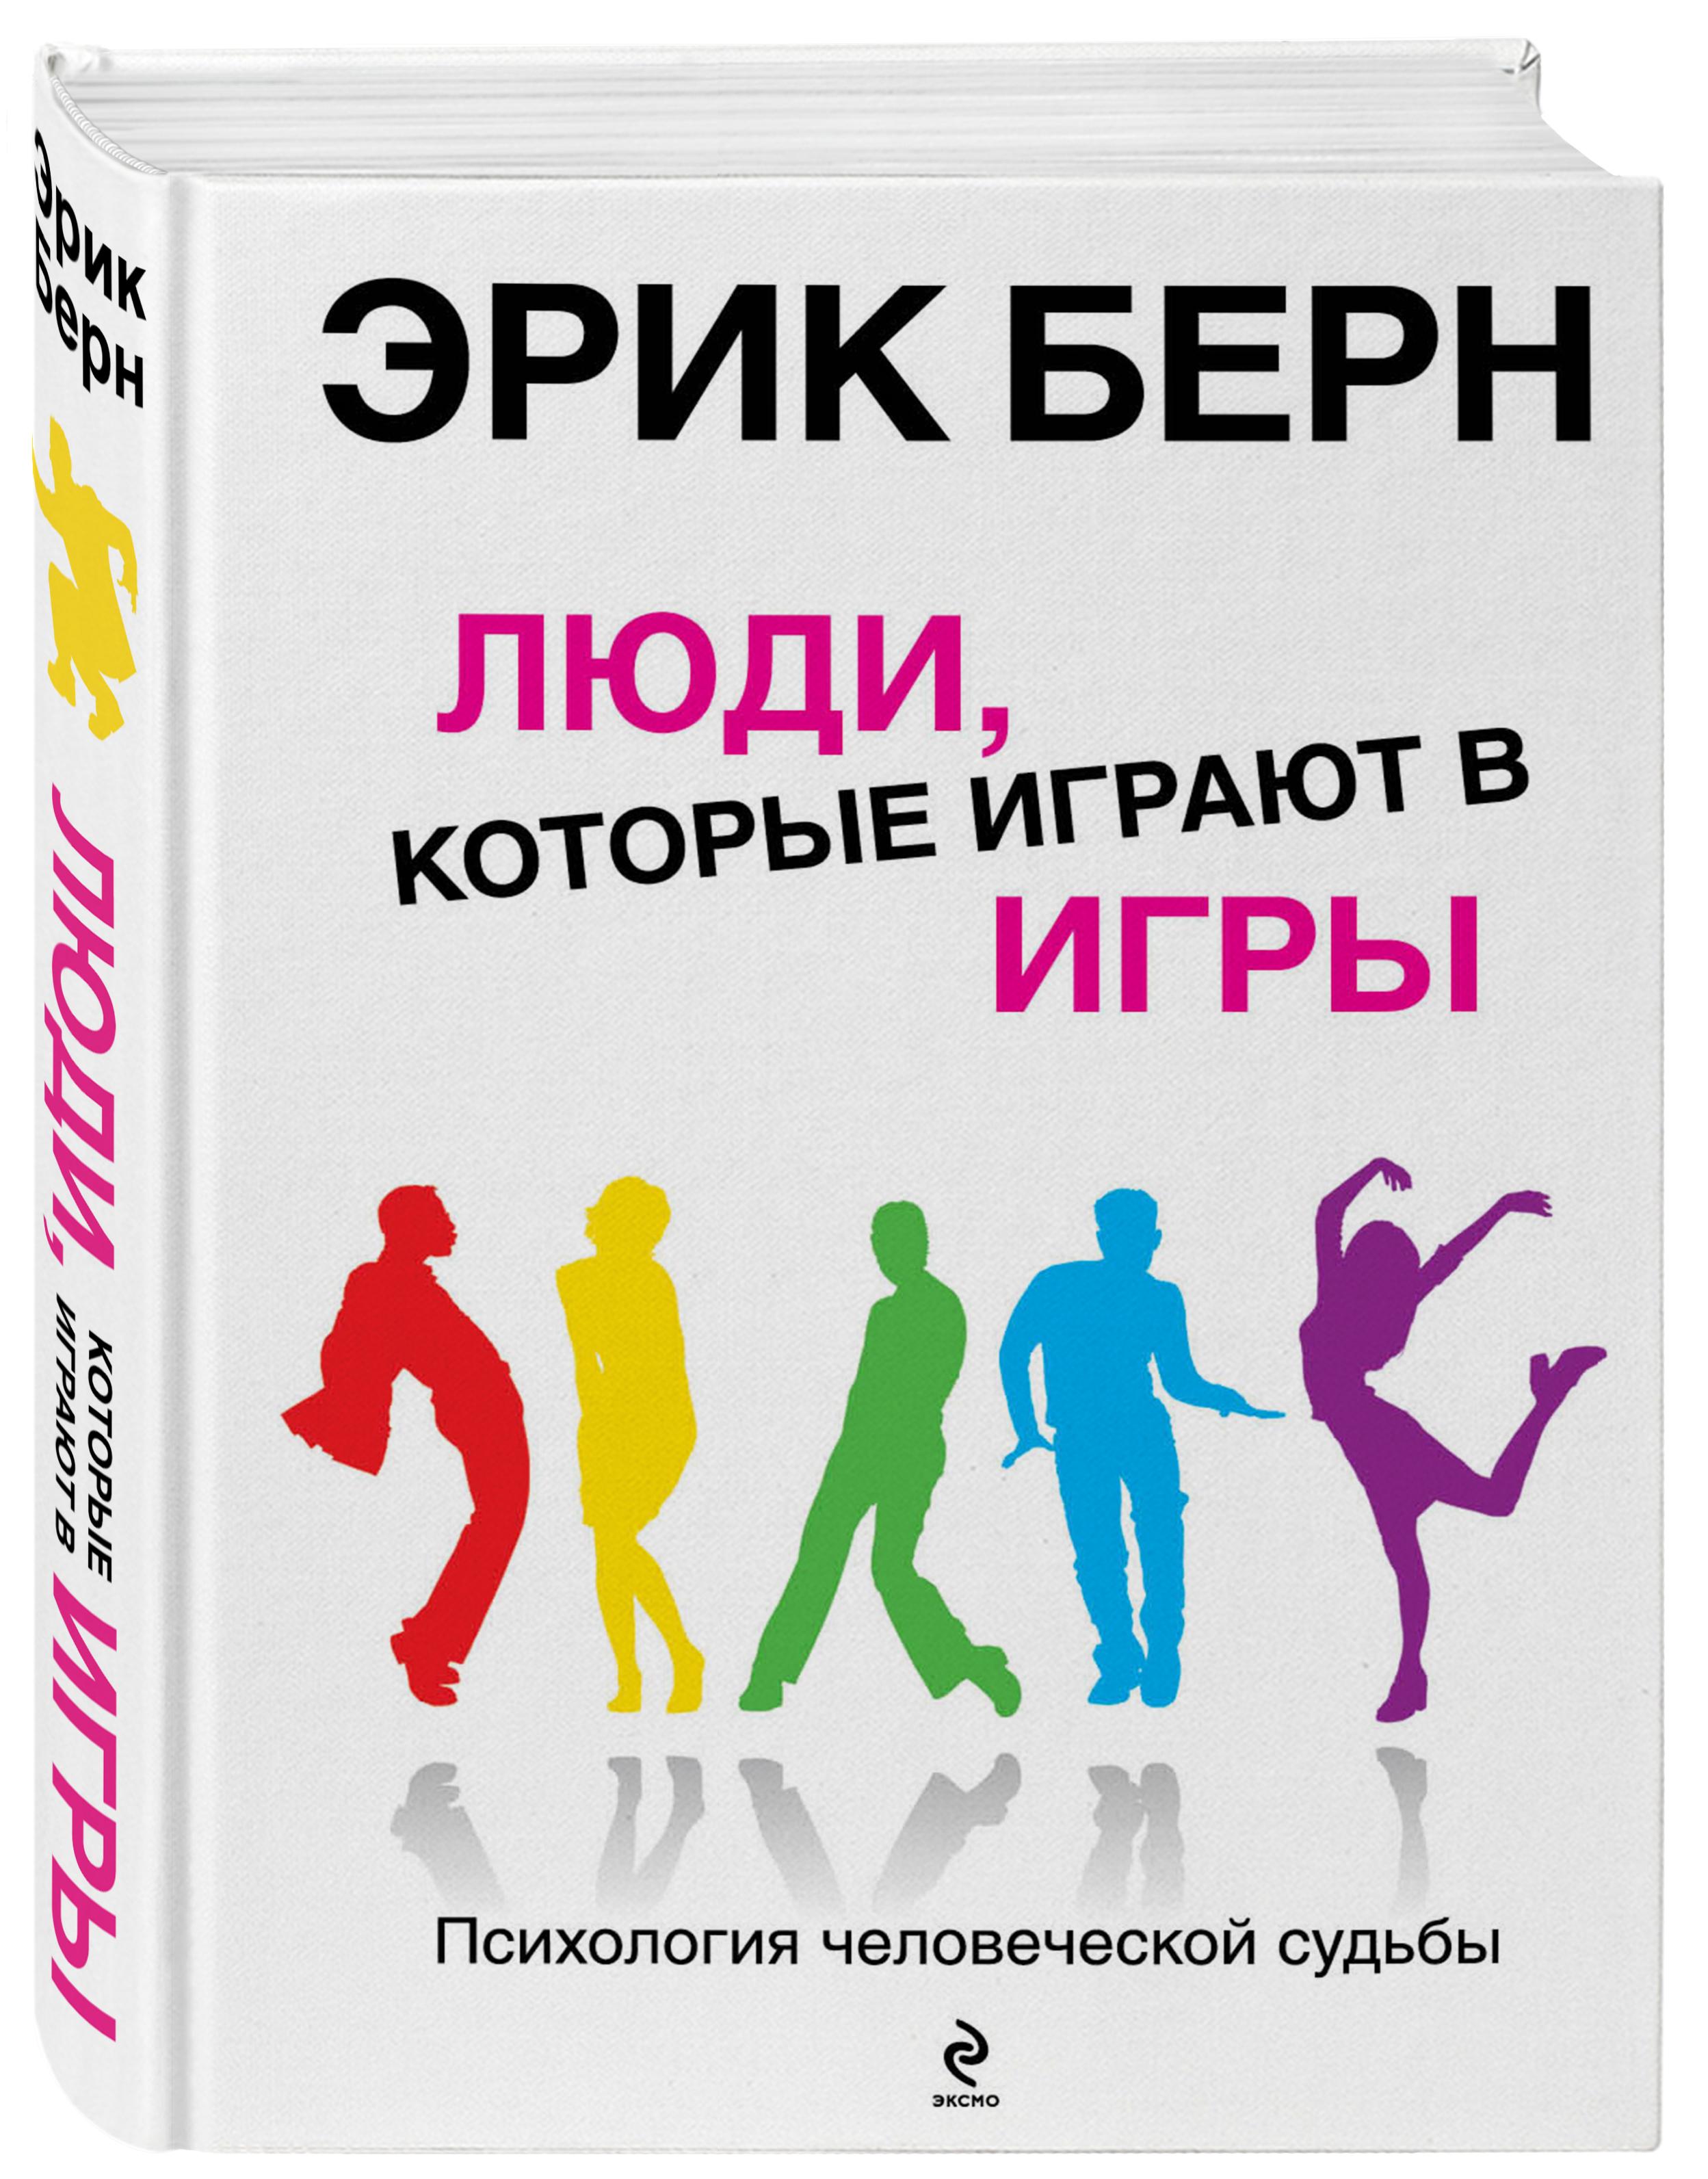 """Книга """"Люди, которые играют в игры"""" Берн Эрик – купить книгу ISBN  978-5-699-27309-6 с быстрой доставкой в интернет-магазине OZON"""